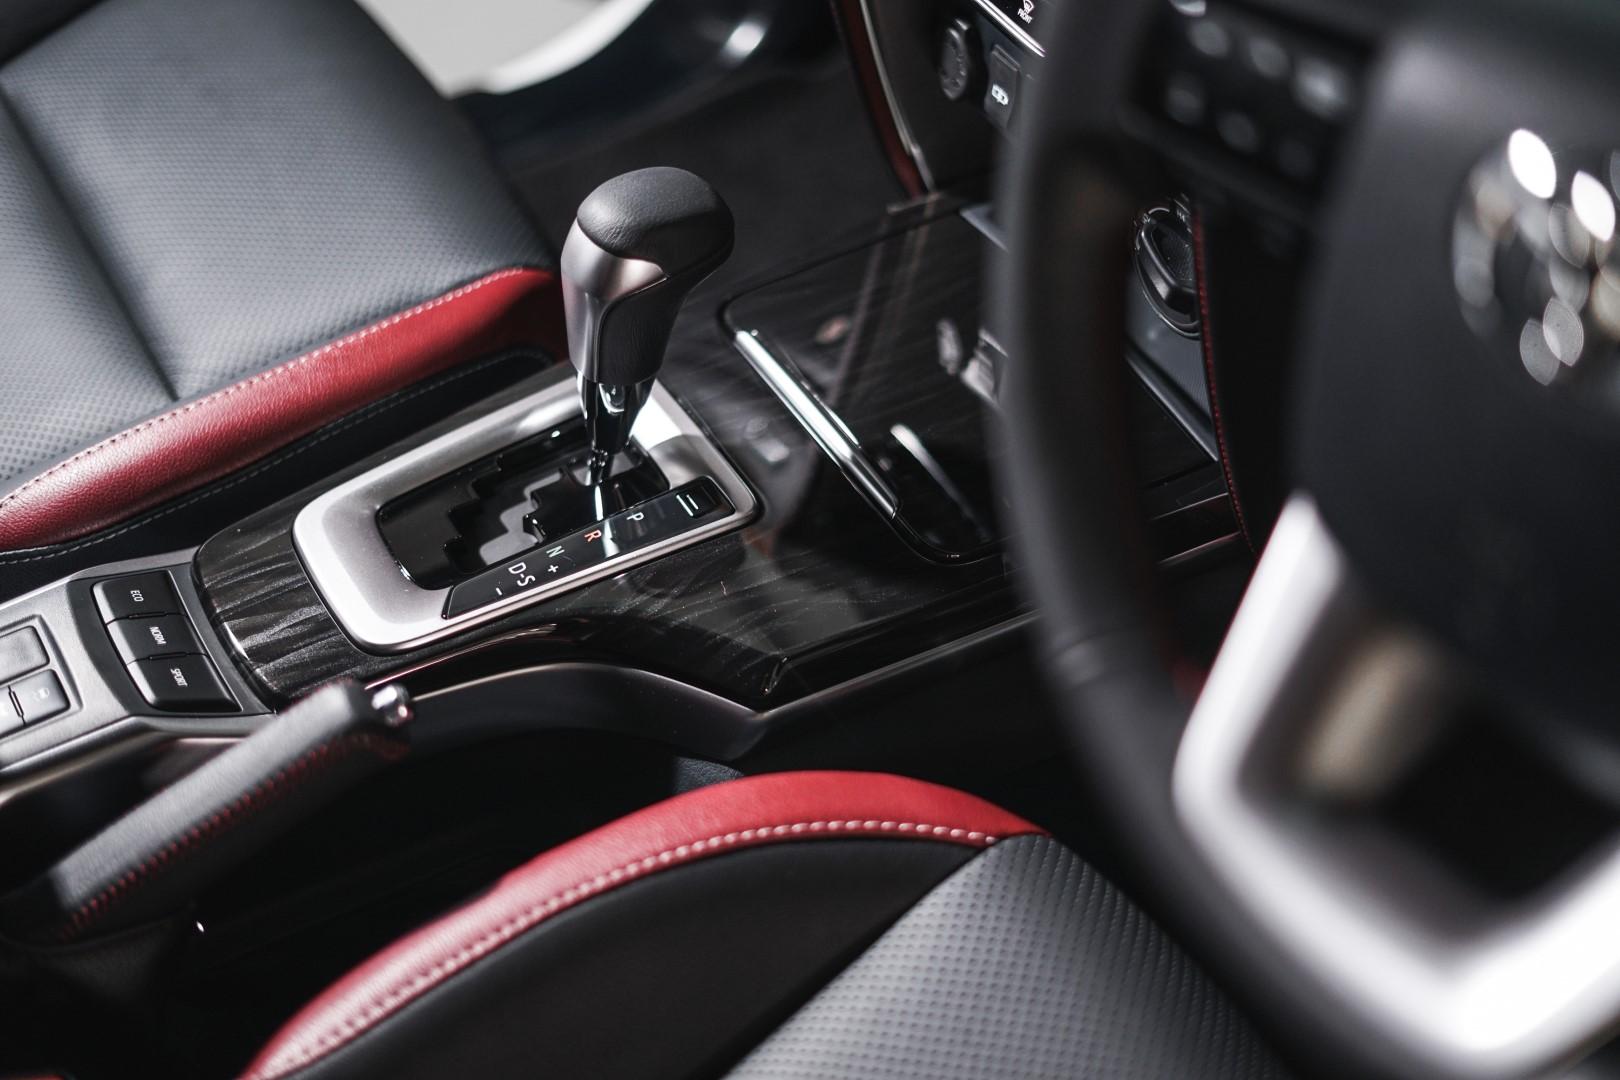 2021 toyota fortuner interior trim